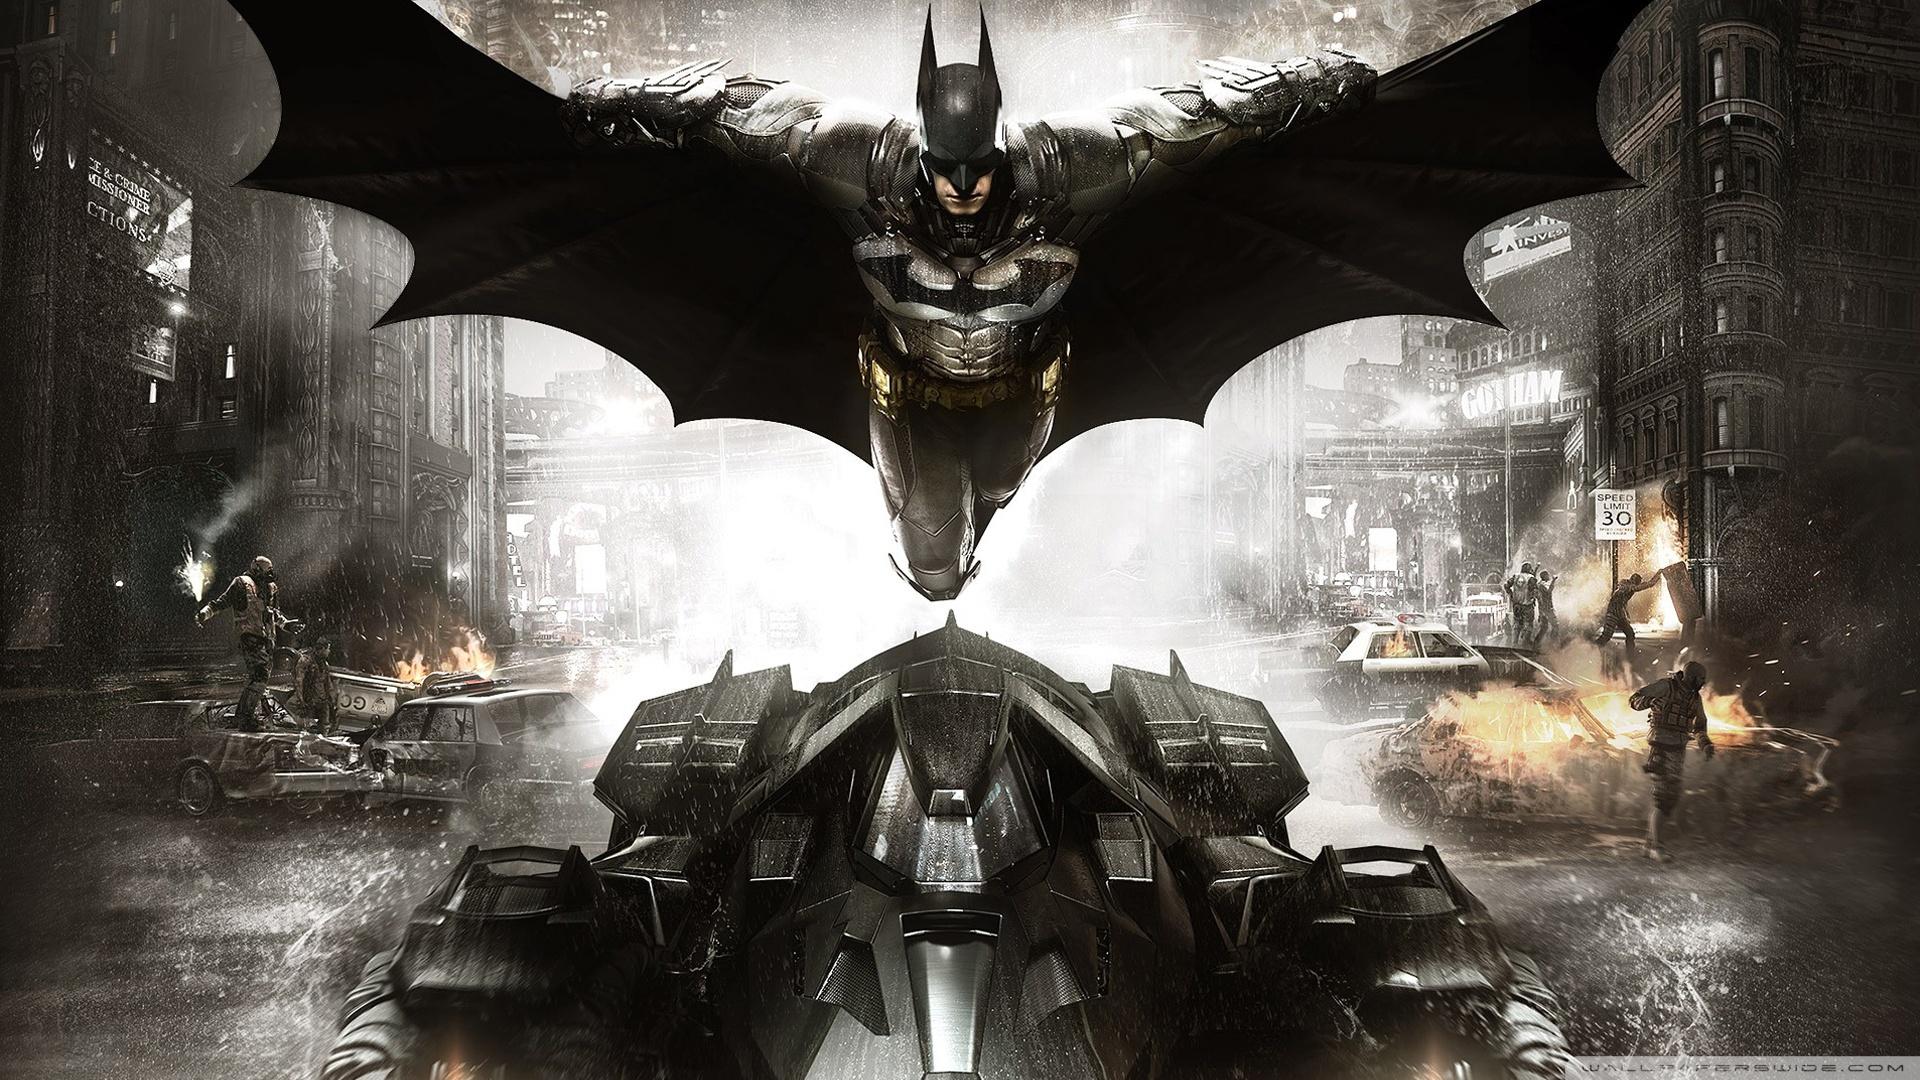 Batman Arkham Knight HD desktop wallpaper : High Definition